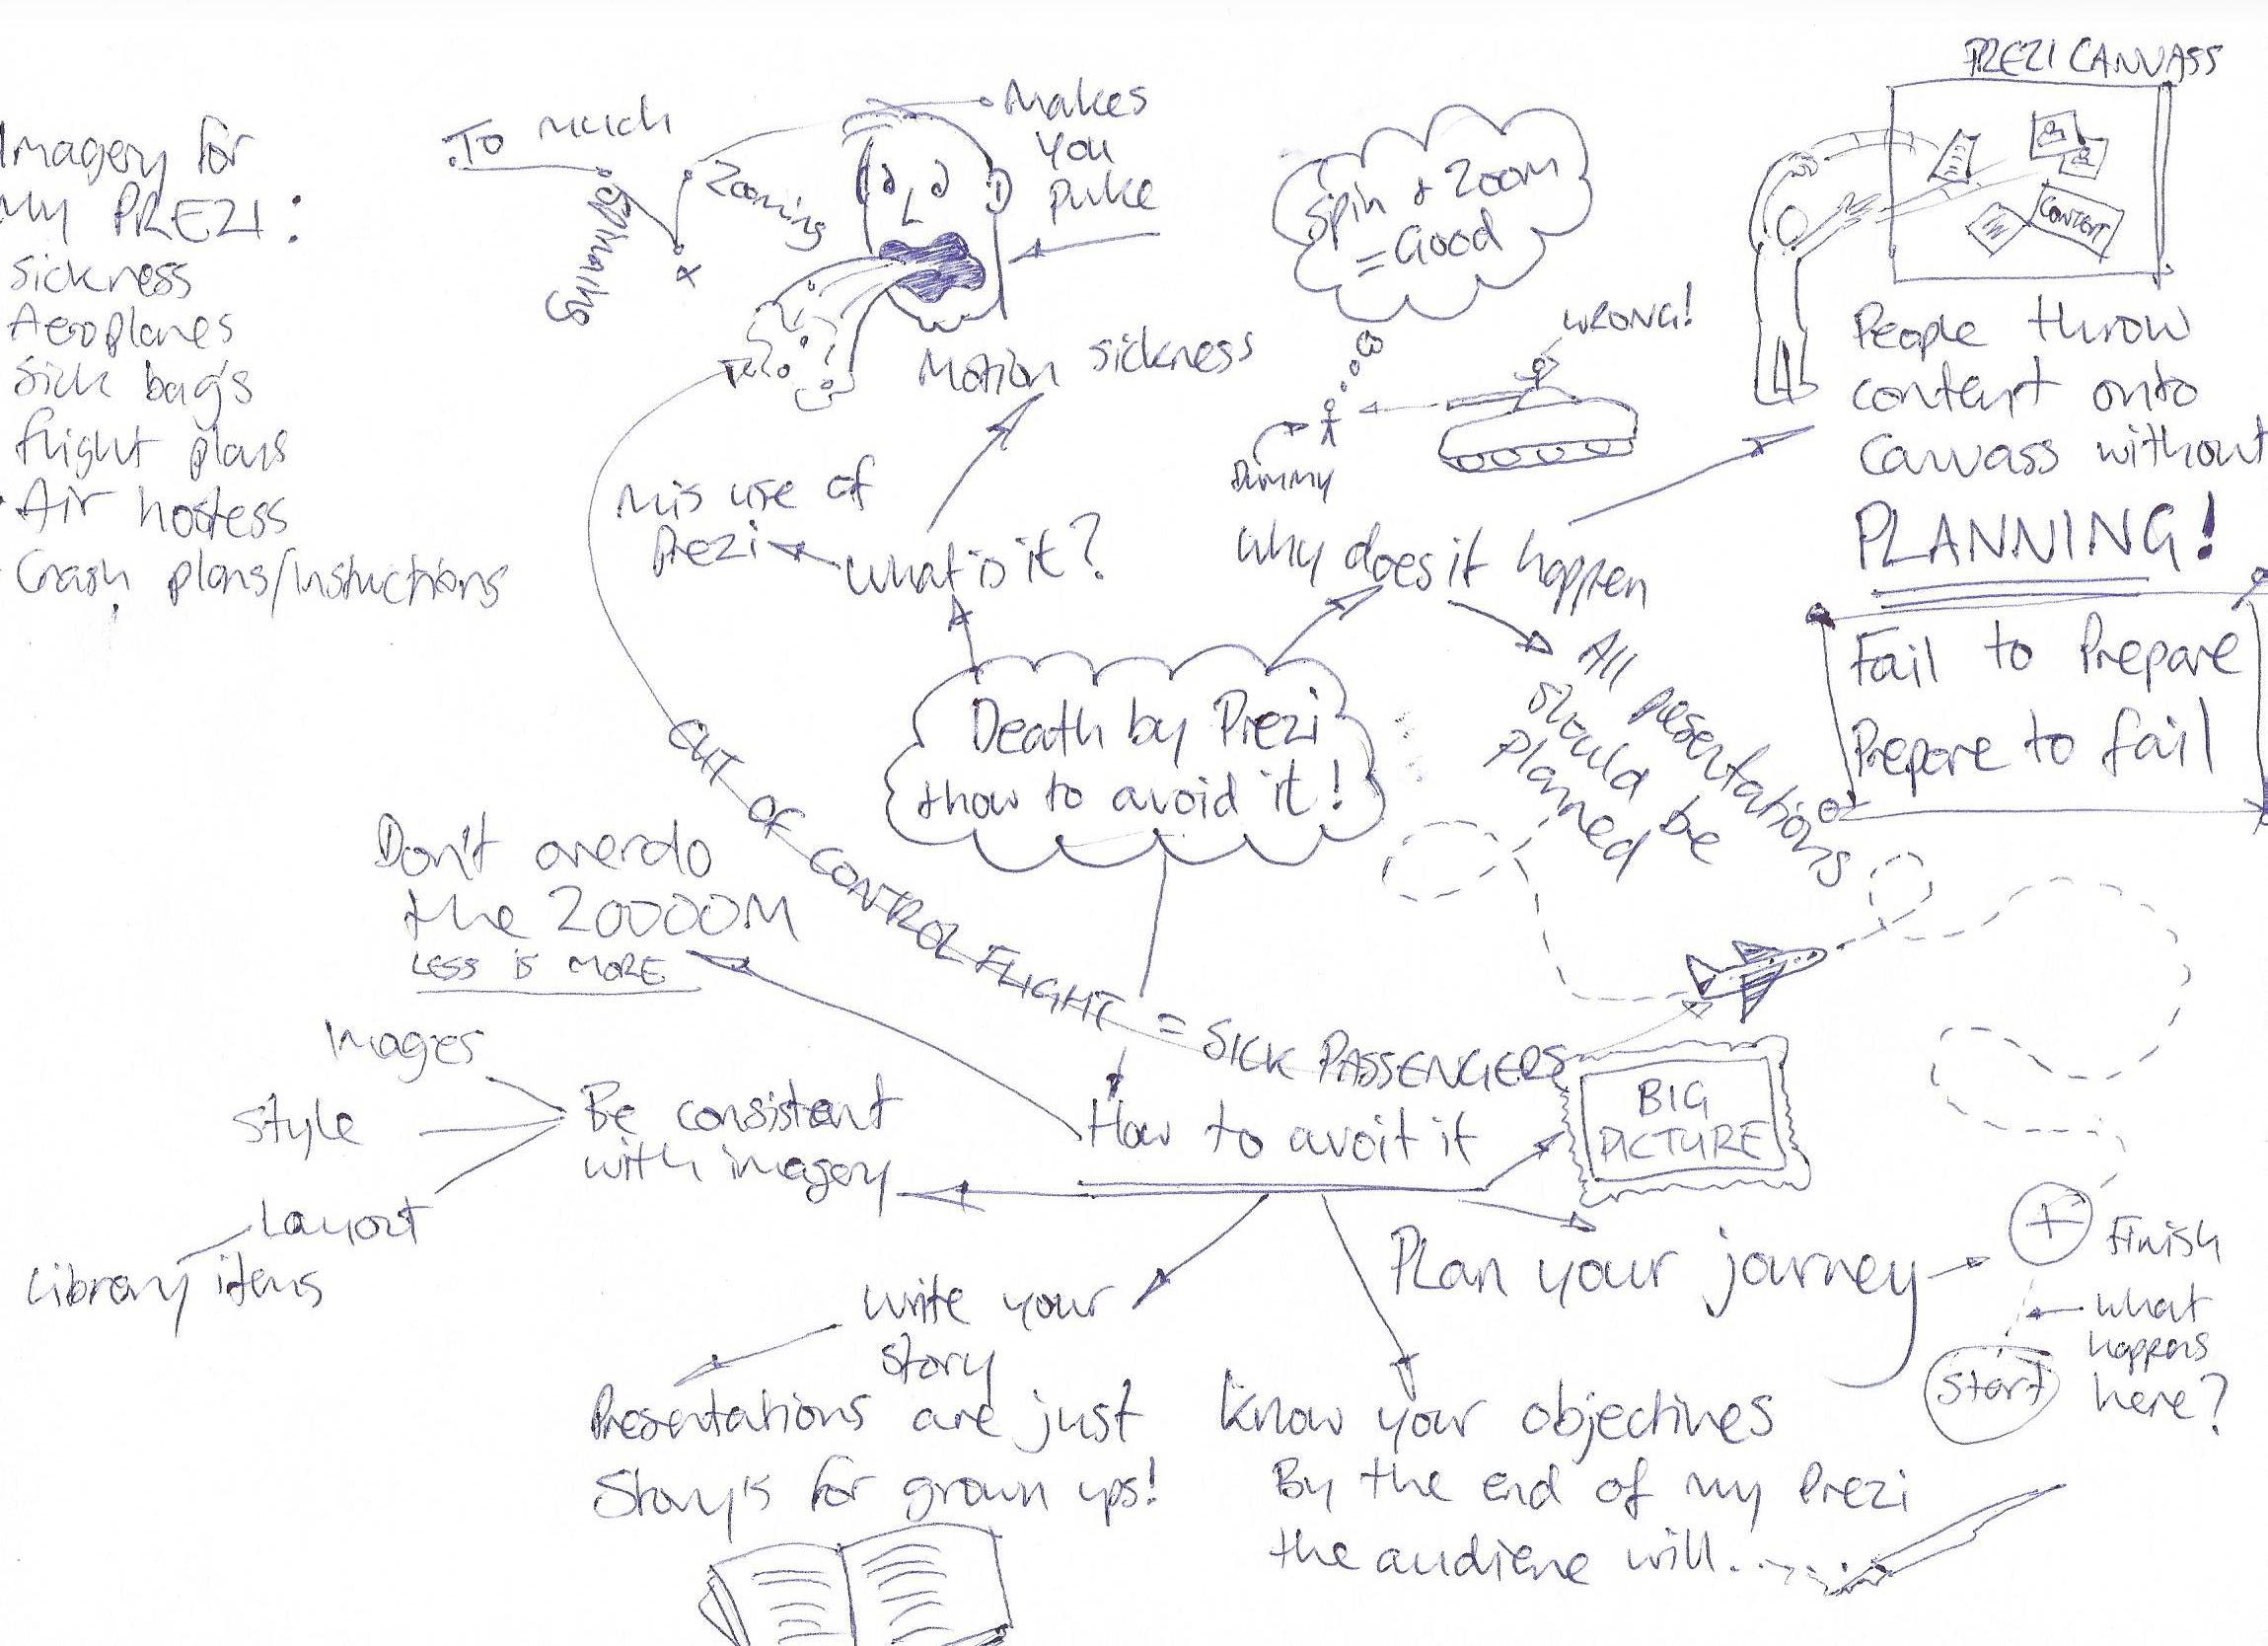 Prezi Mind-Mapping